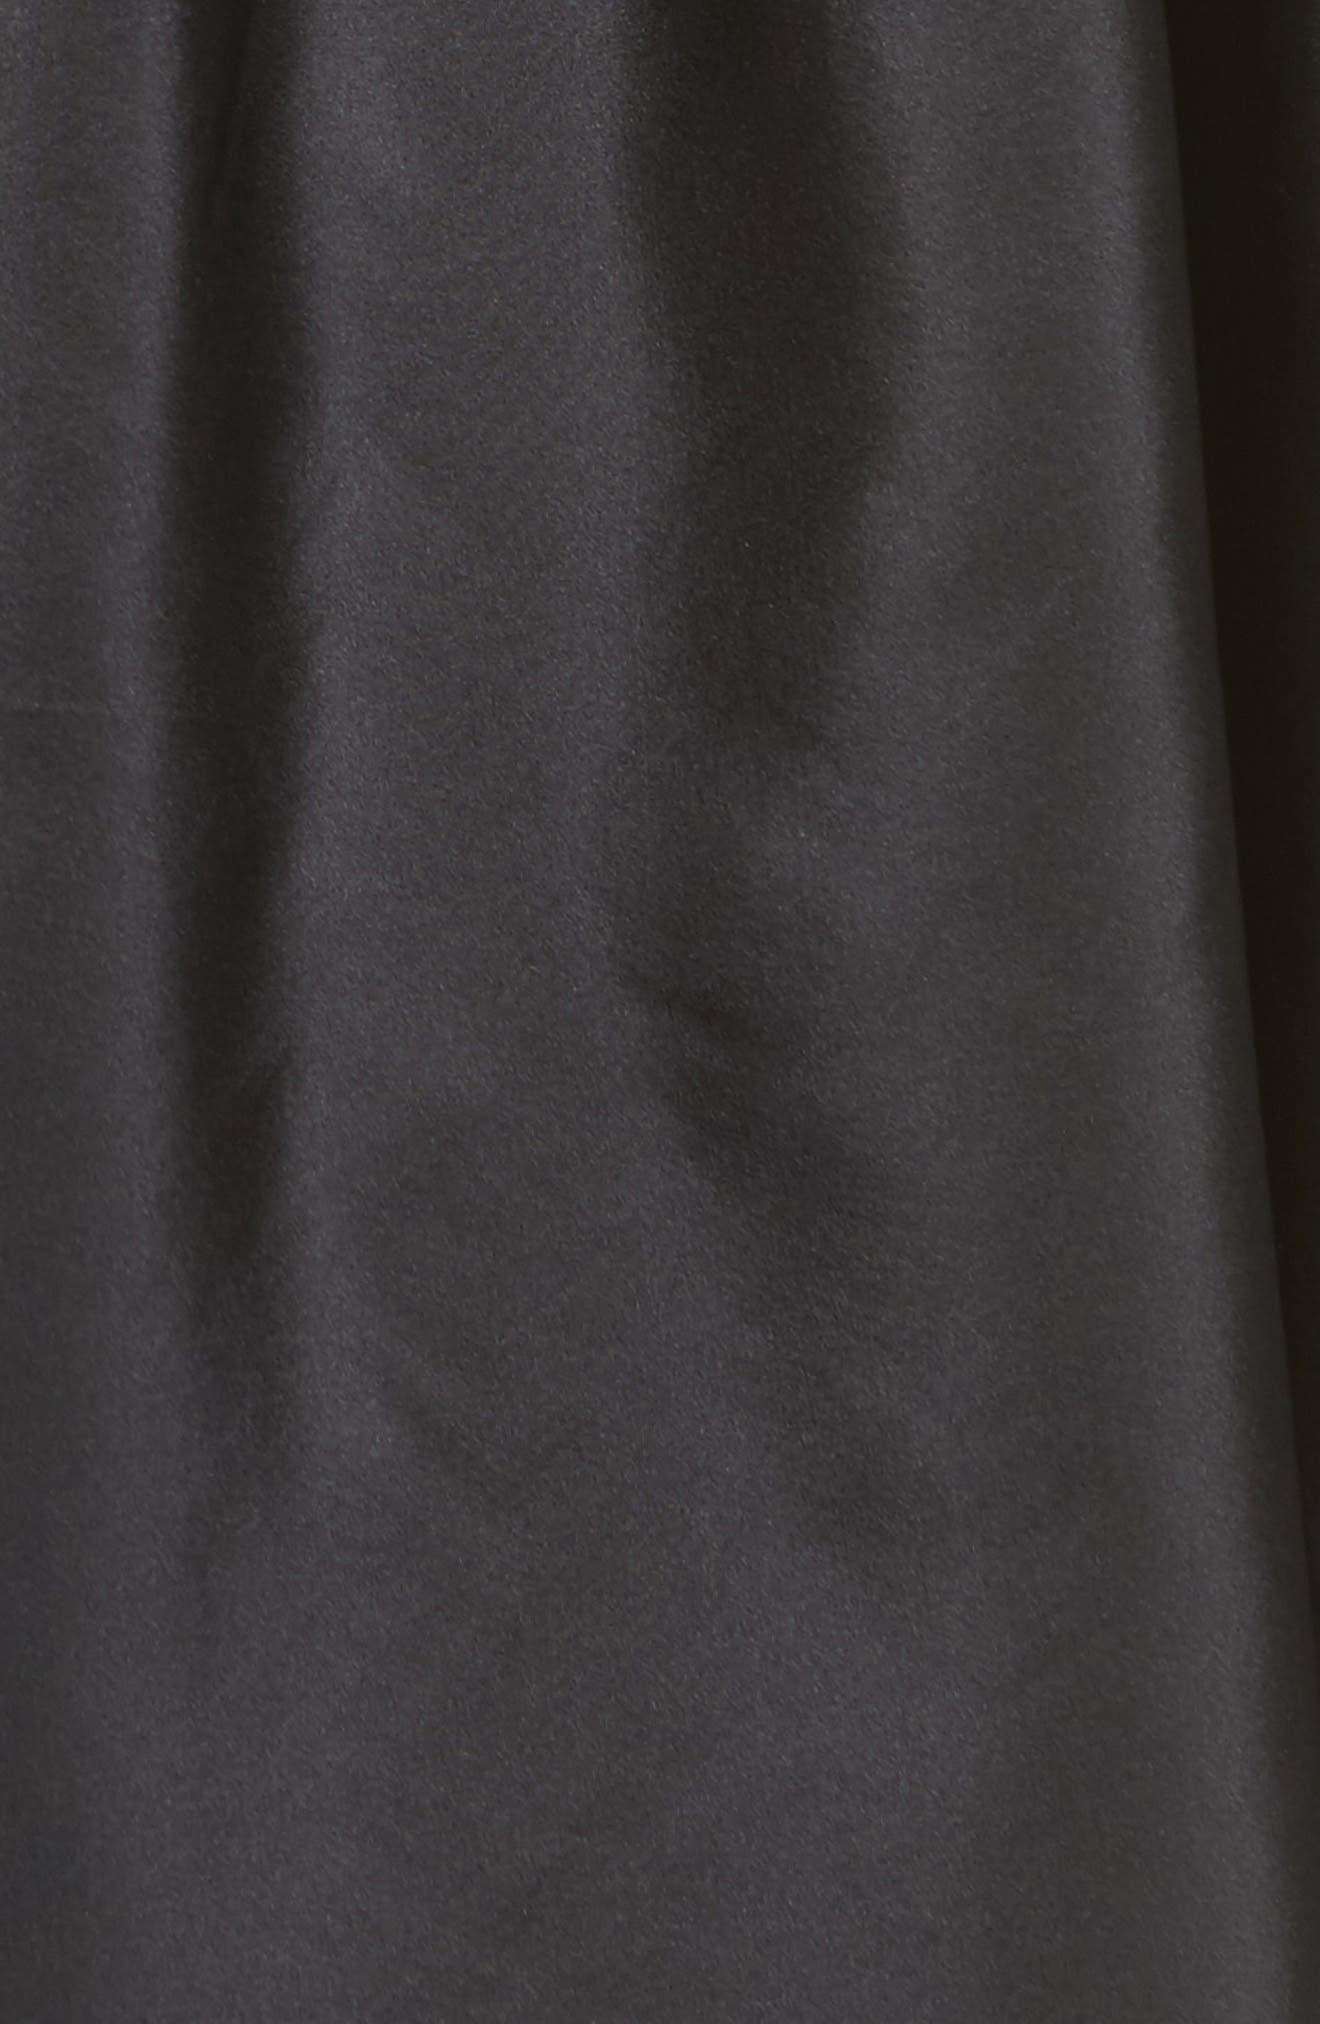 Belted Off the Shoulder Taffeta Dress,                             Alternate thumbnail 6, color,                             Black